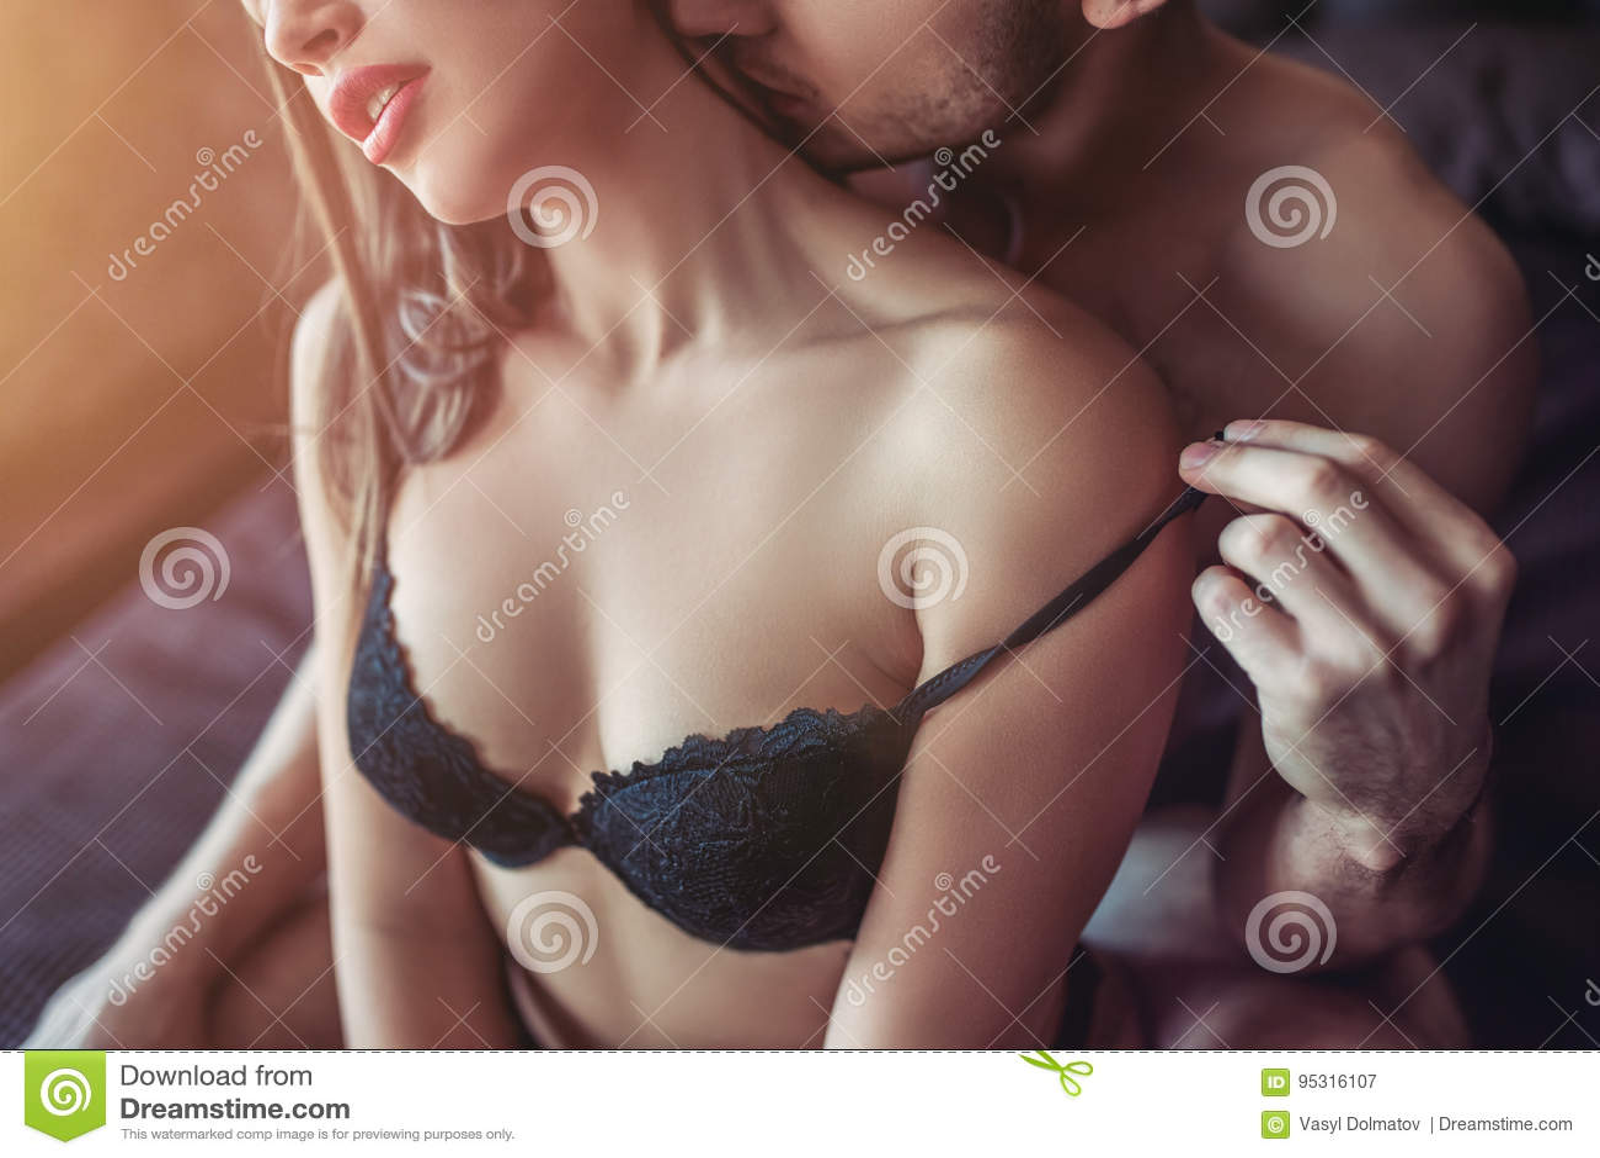 küssen und sex